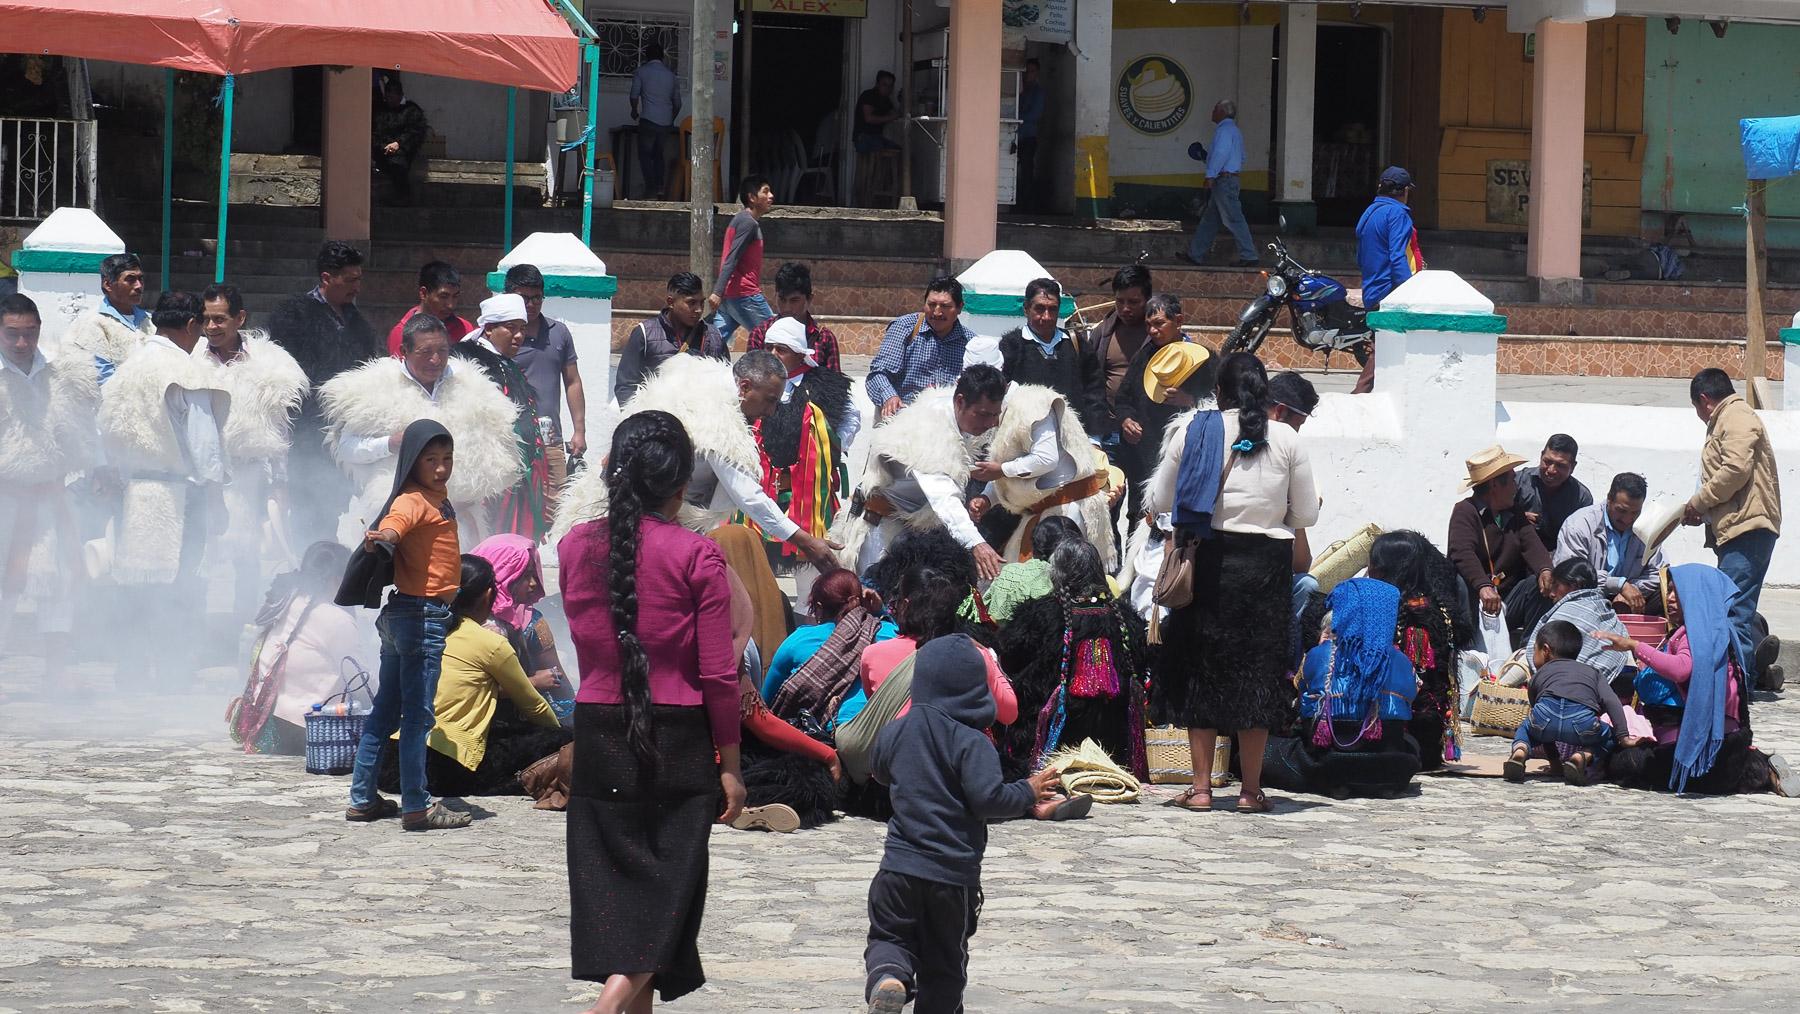 Es ist viel los auf dem Platz vor der Kirche und auch in der Kirche